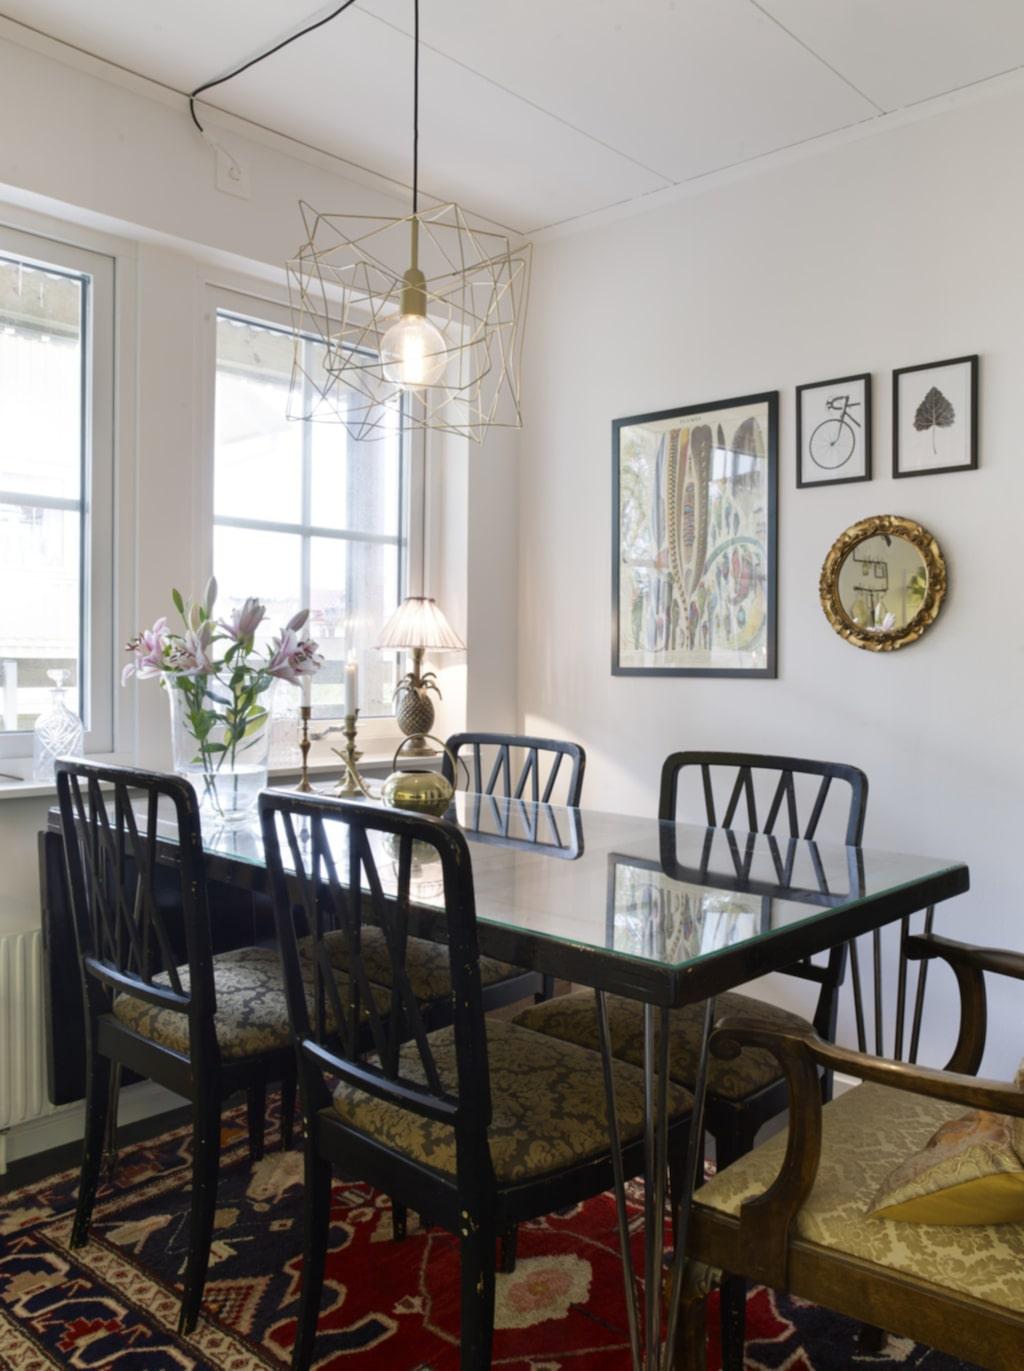 Bord av dörr. Köksbordet är en gammal dörr från 1800-talet som sprejats i guldfärg och sen målats med svart färg krackeleringslack.